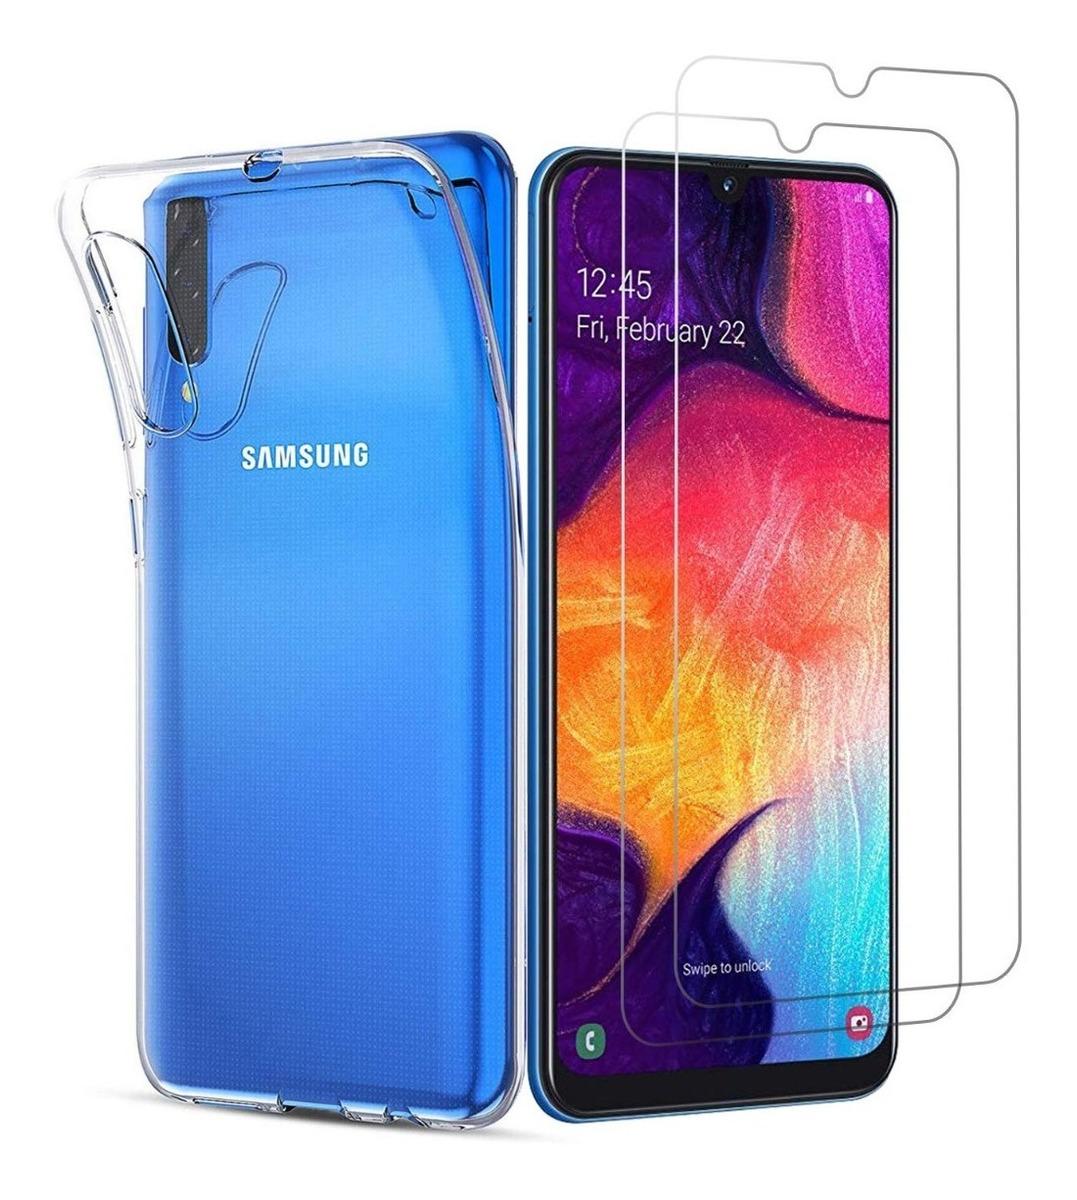 Funda Airbag Transparente Samsung A30s A50 A50s + Glass